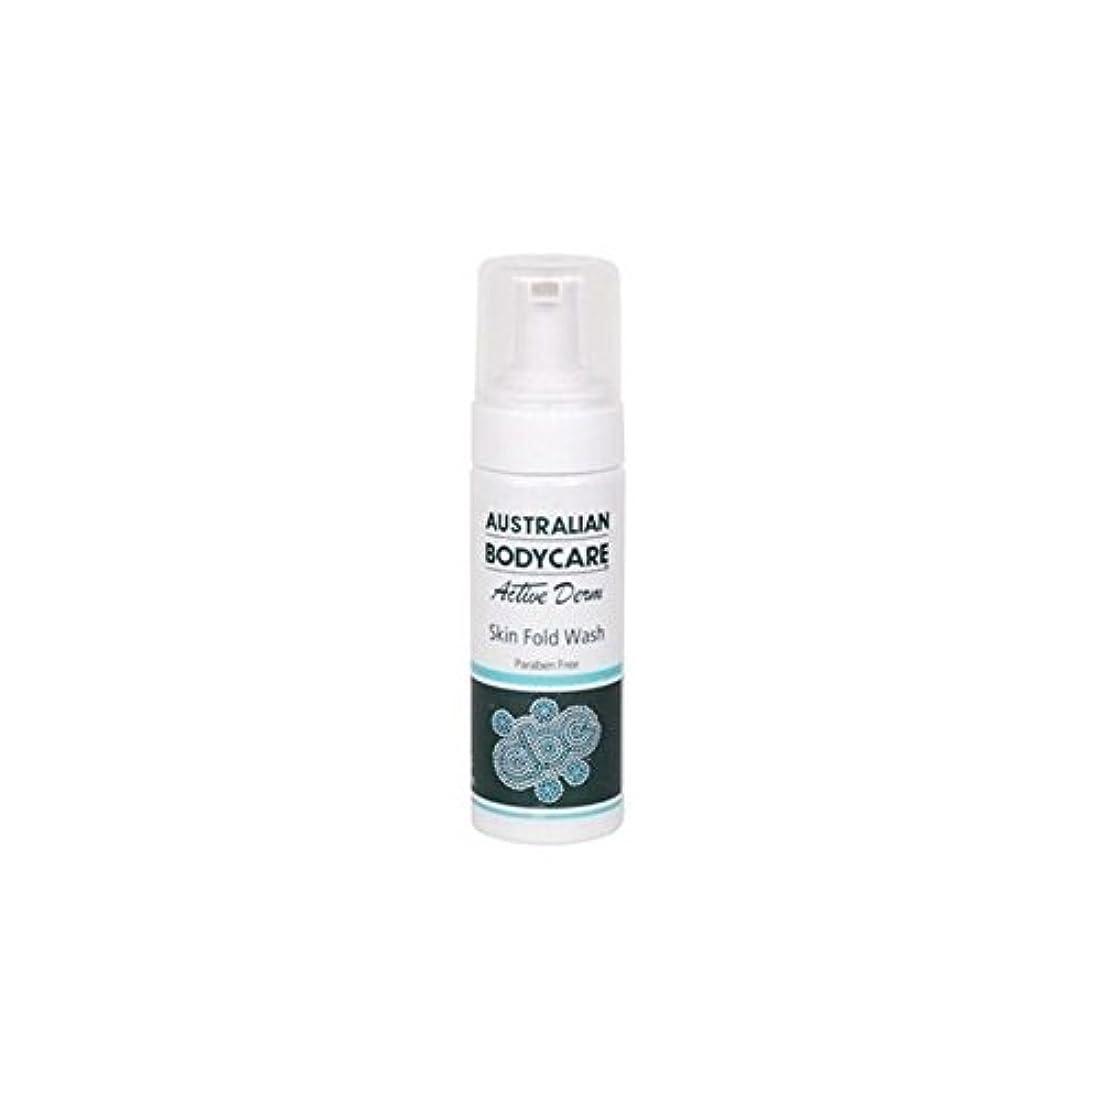 終了しました細分化する無人Australian Bodycare Active Derm Skin Fold Wash (150ml) (Pack of 6) - オーストラリアのボディケアアクティブダームの皮膚のひだの洗浄(150ミリリットル)...